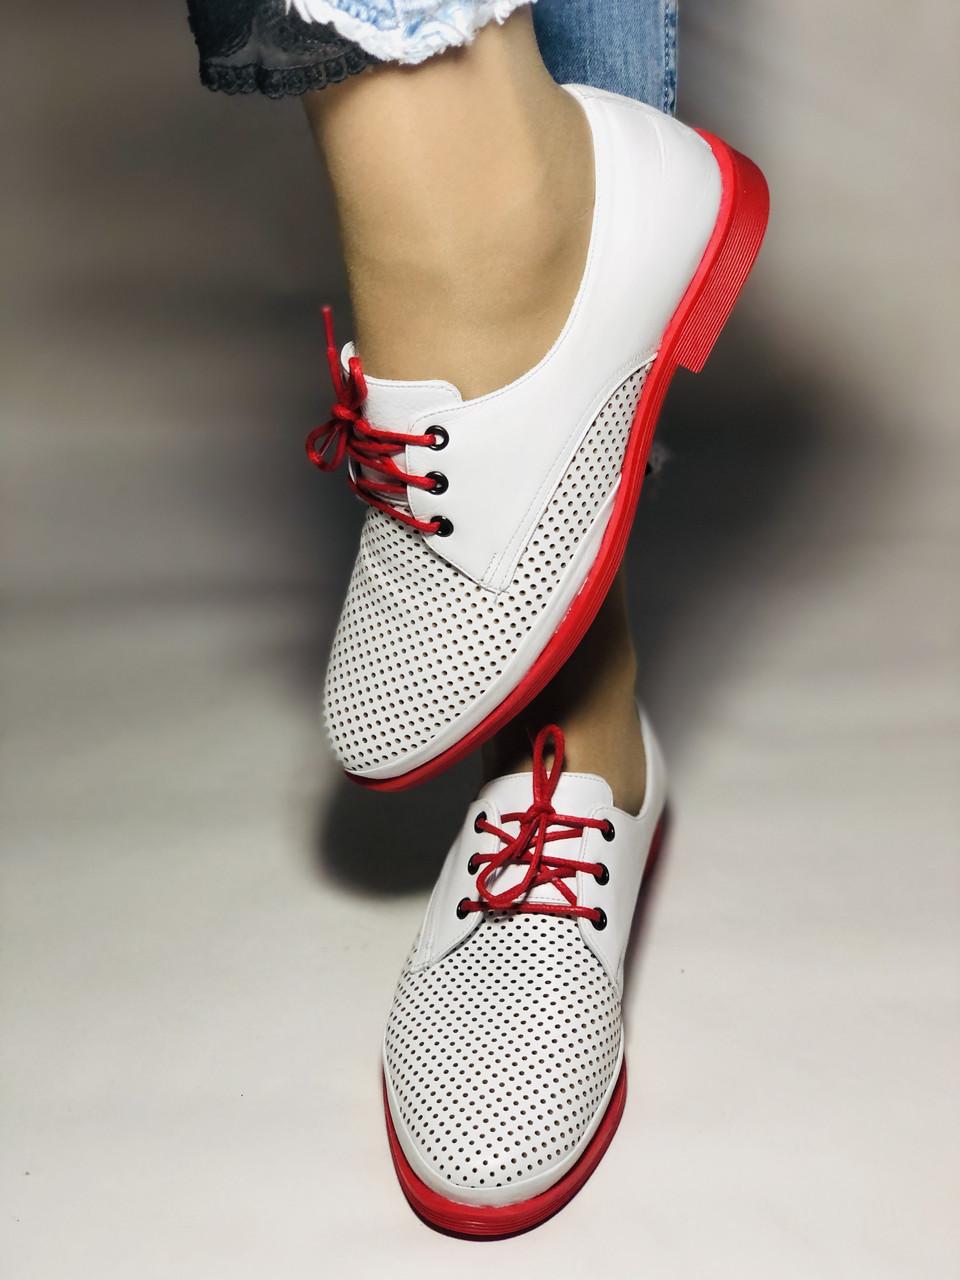 Evromoda. Стильные женские белые туфли мокасины с перфорацией Турция. Размеры 36.37.38.39.40 Vellena.